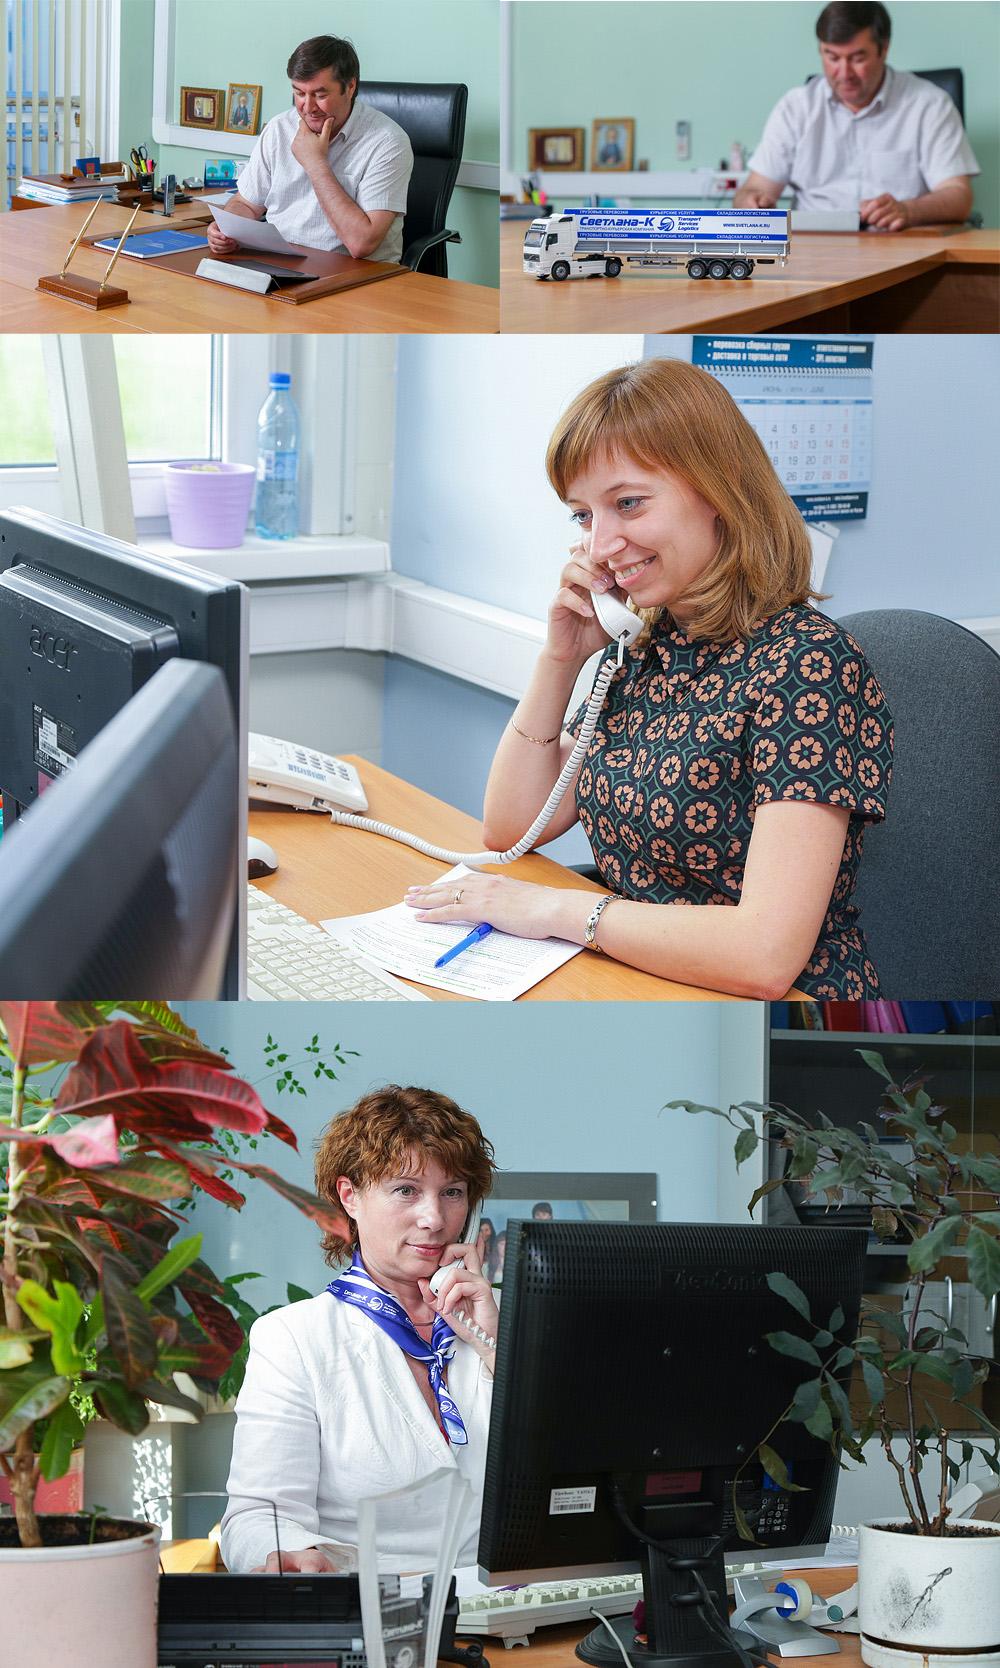 Фотосъемка сотрудников (4 фото).